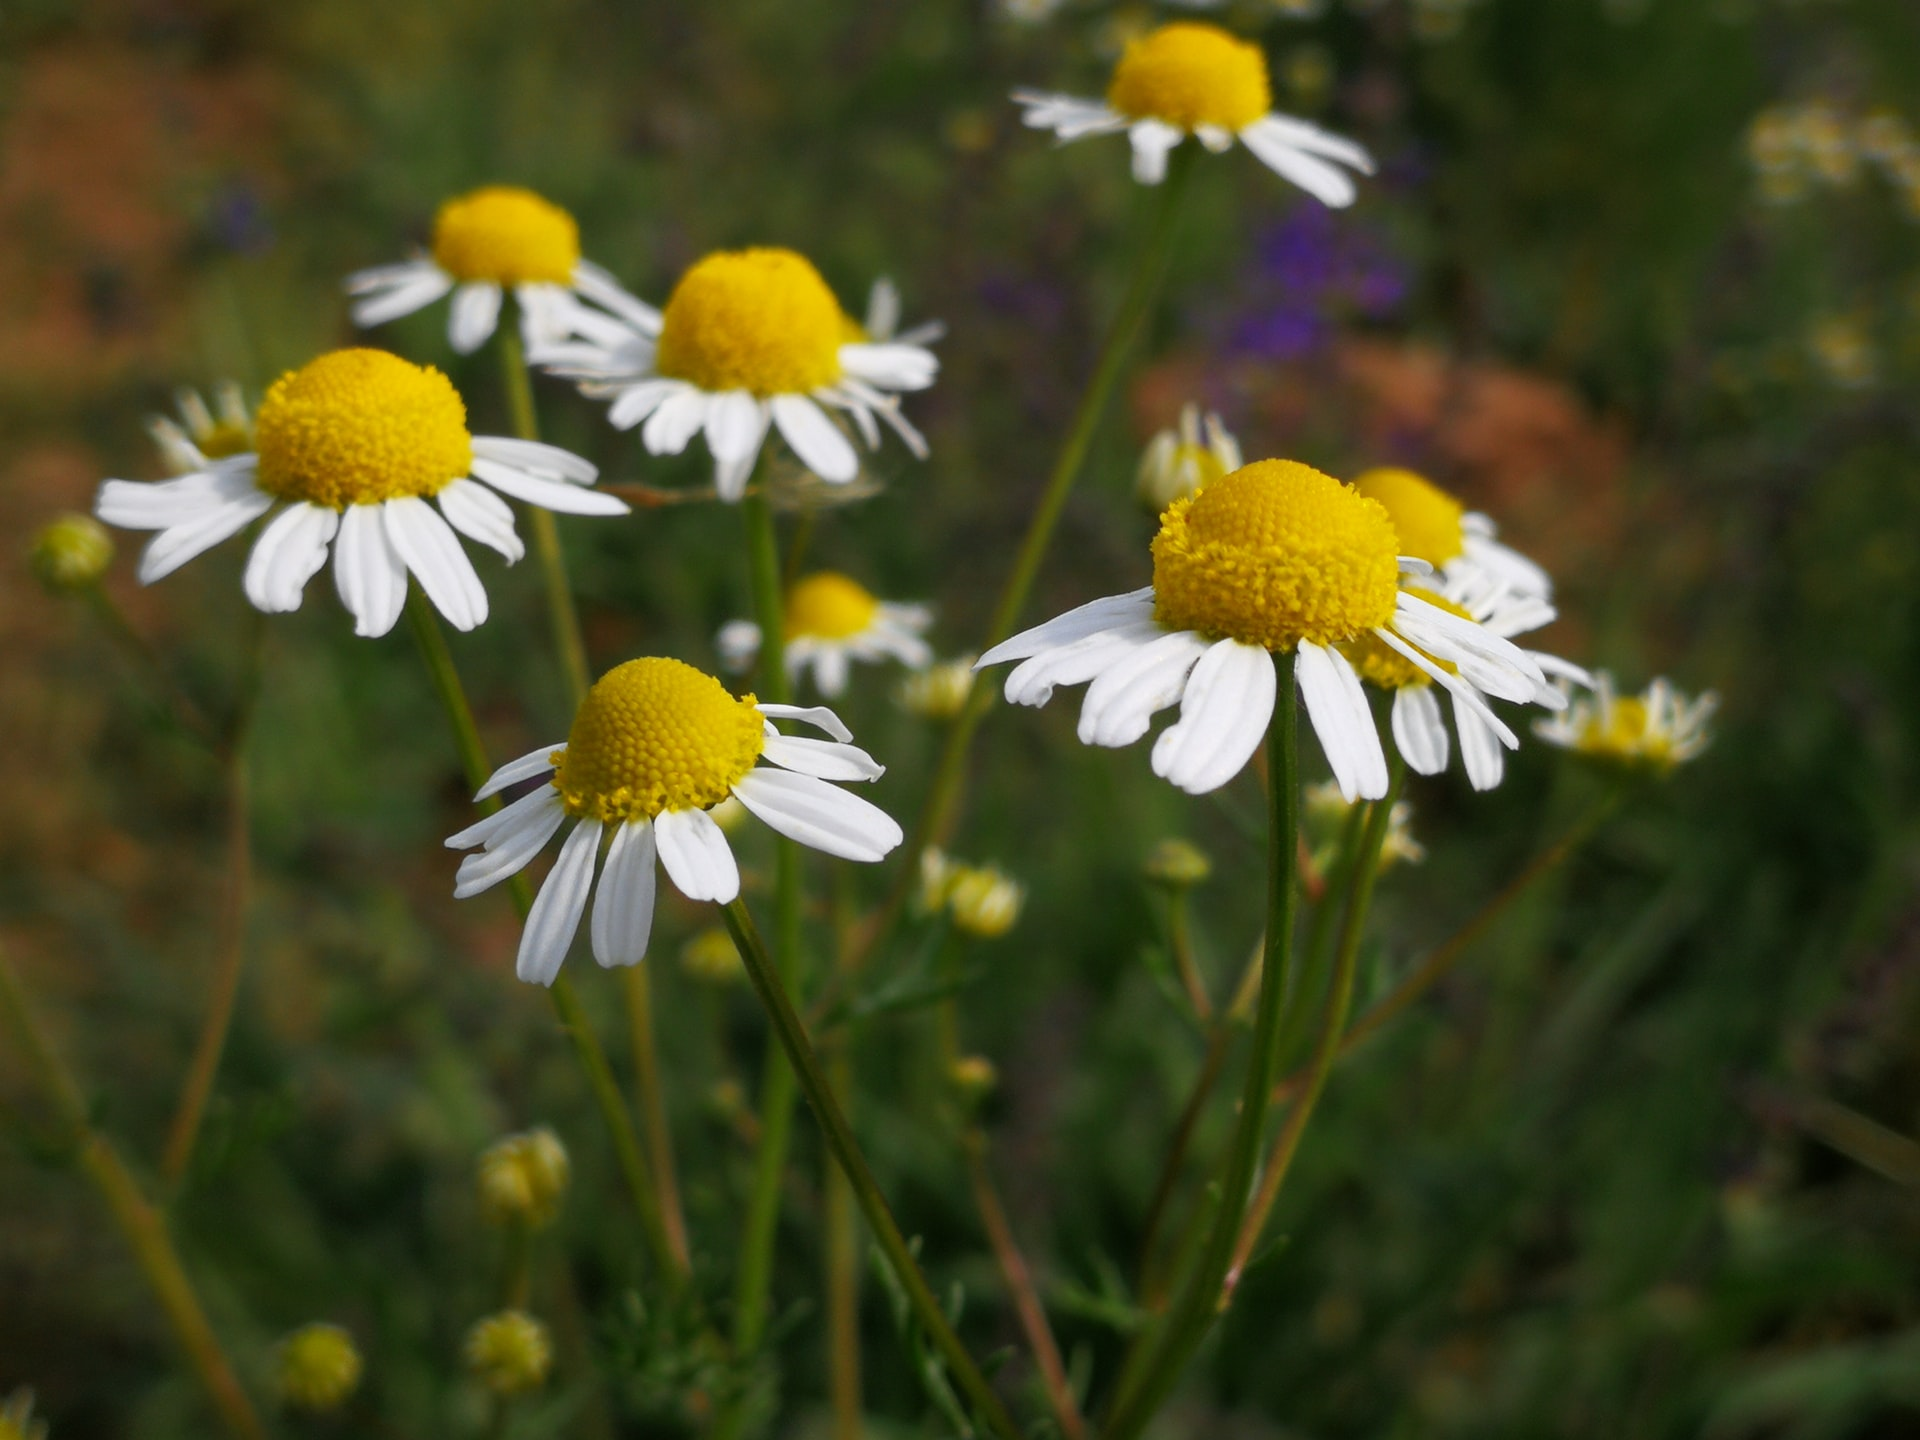 Imagen de la flor de manzanilla, muy parecida a la flor de la margarita.